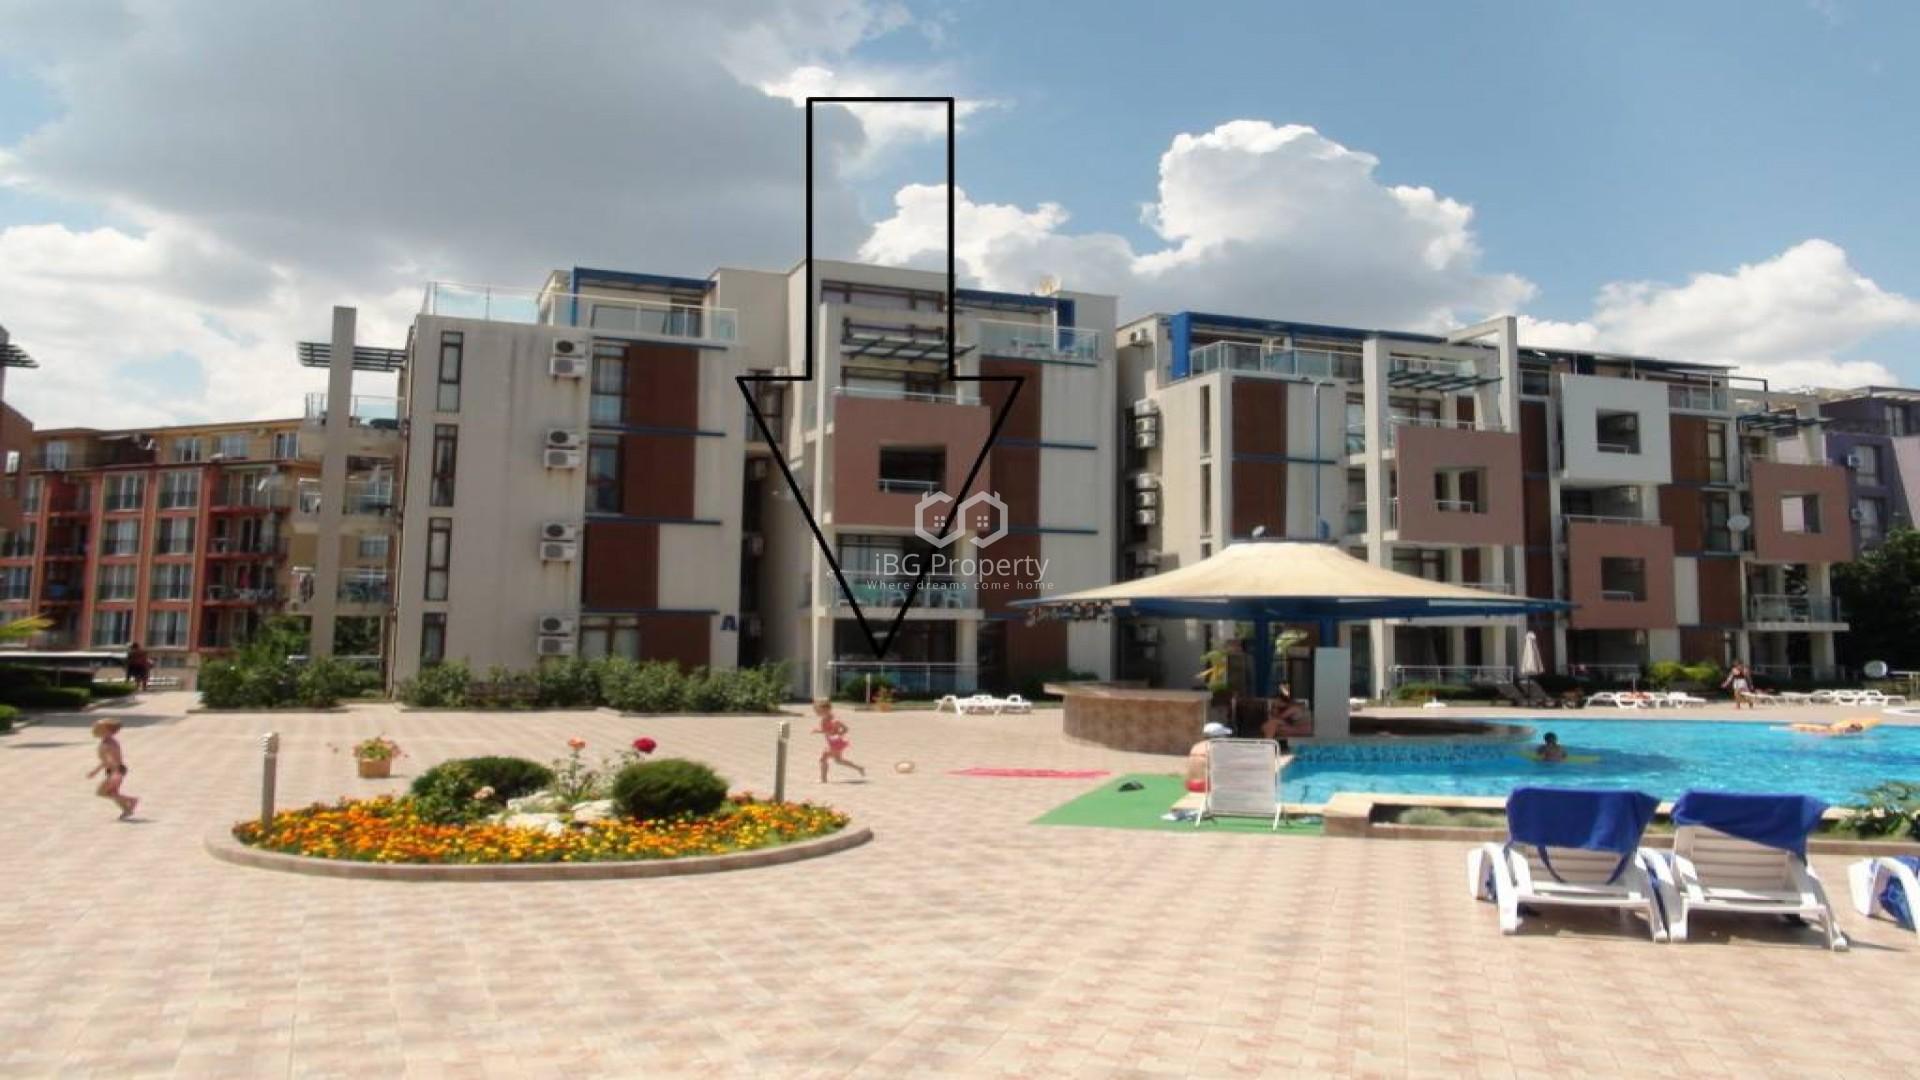 Zweizimmerwohnung in Sunny beach 66 m2 q.m.